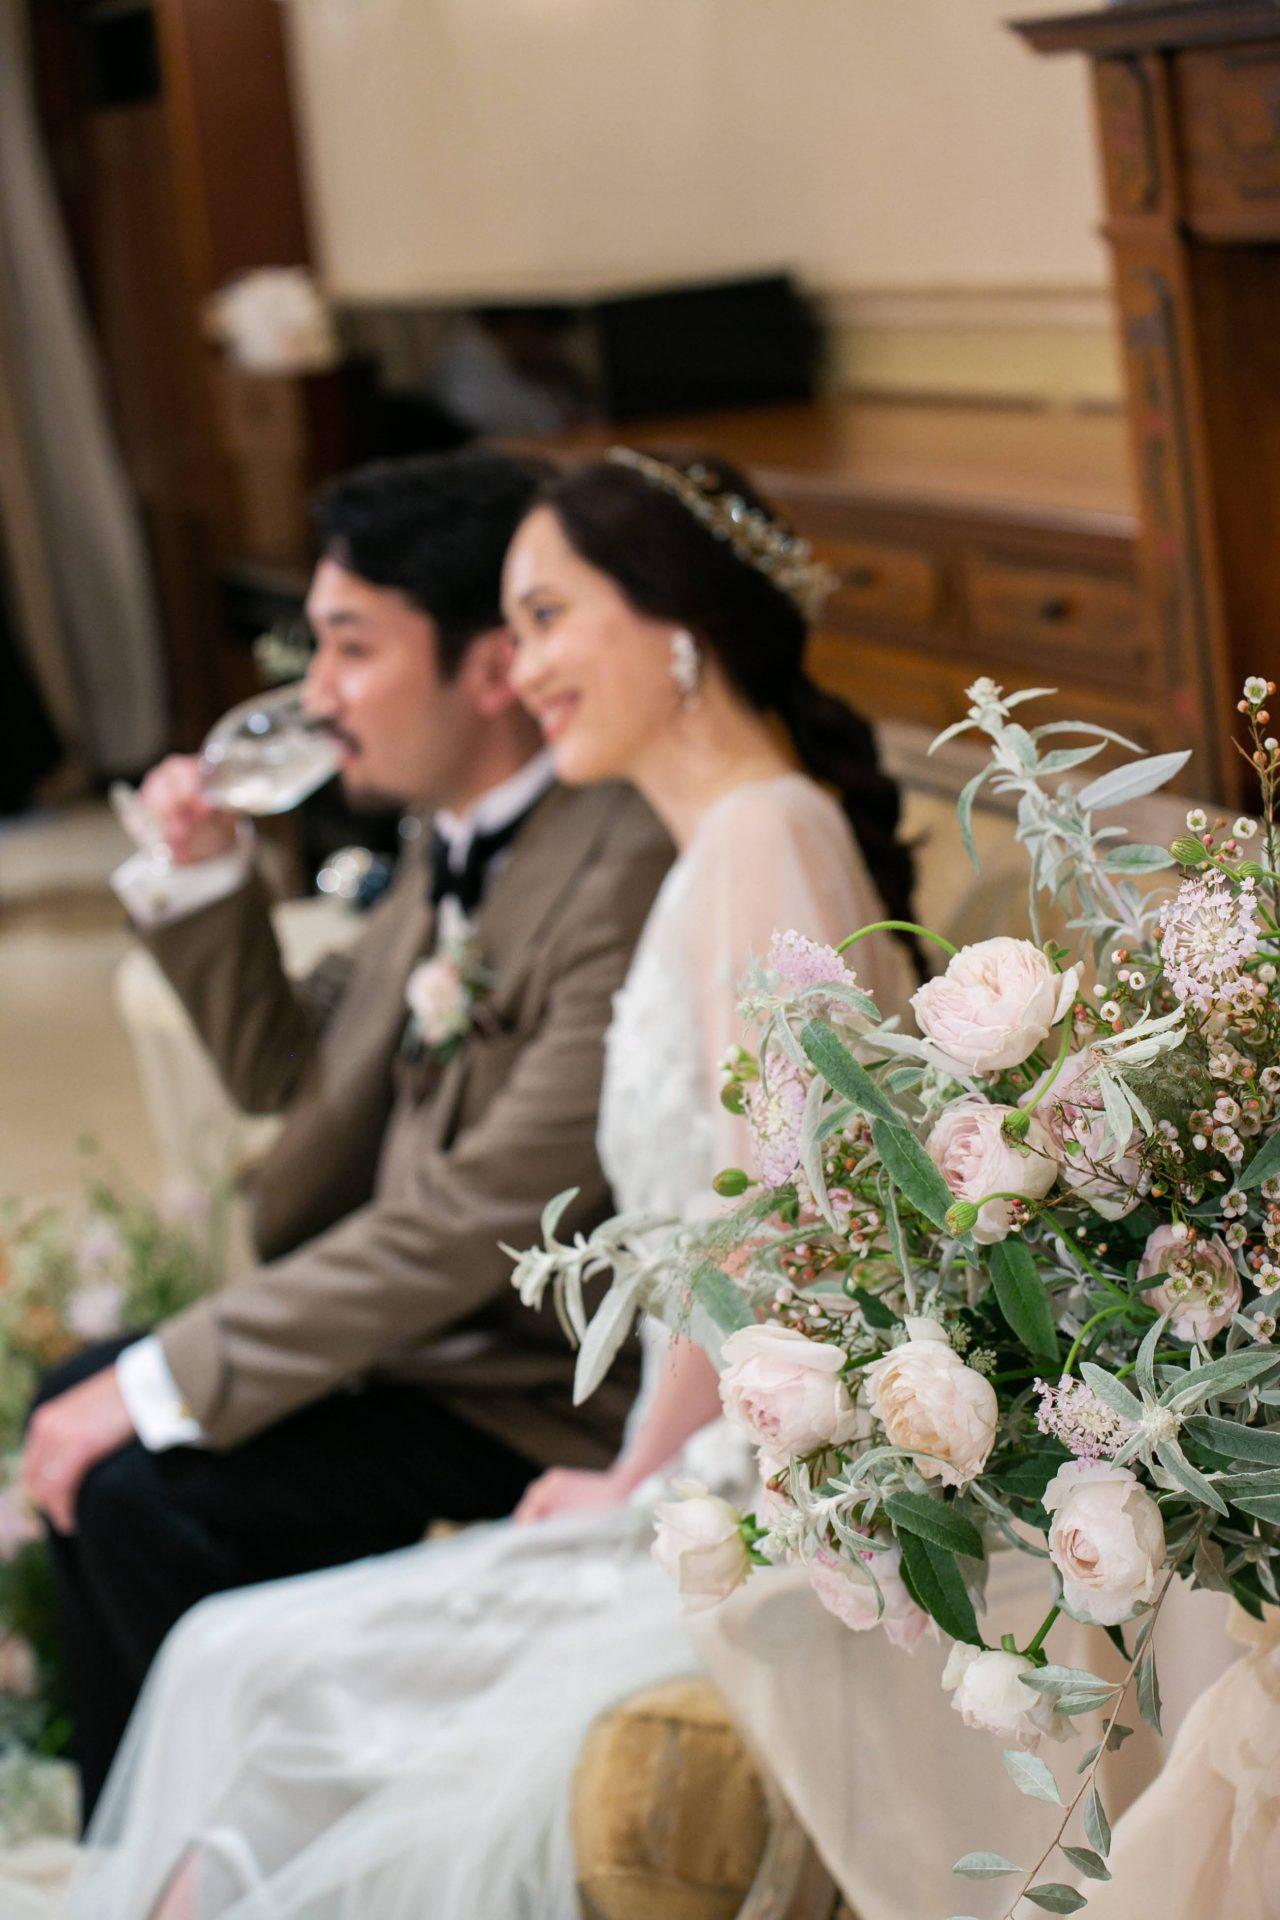 アンティークでクラシックな雰囲気のレストラン、リストランテASOで行った冬の結婚式の様子。